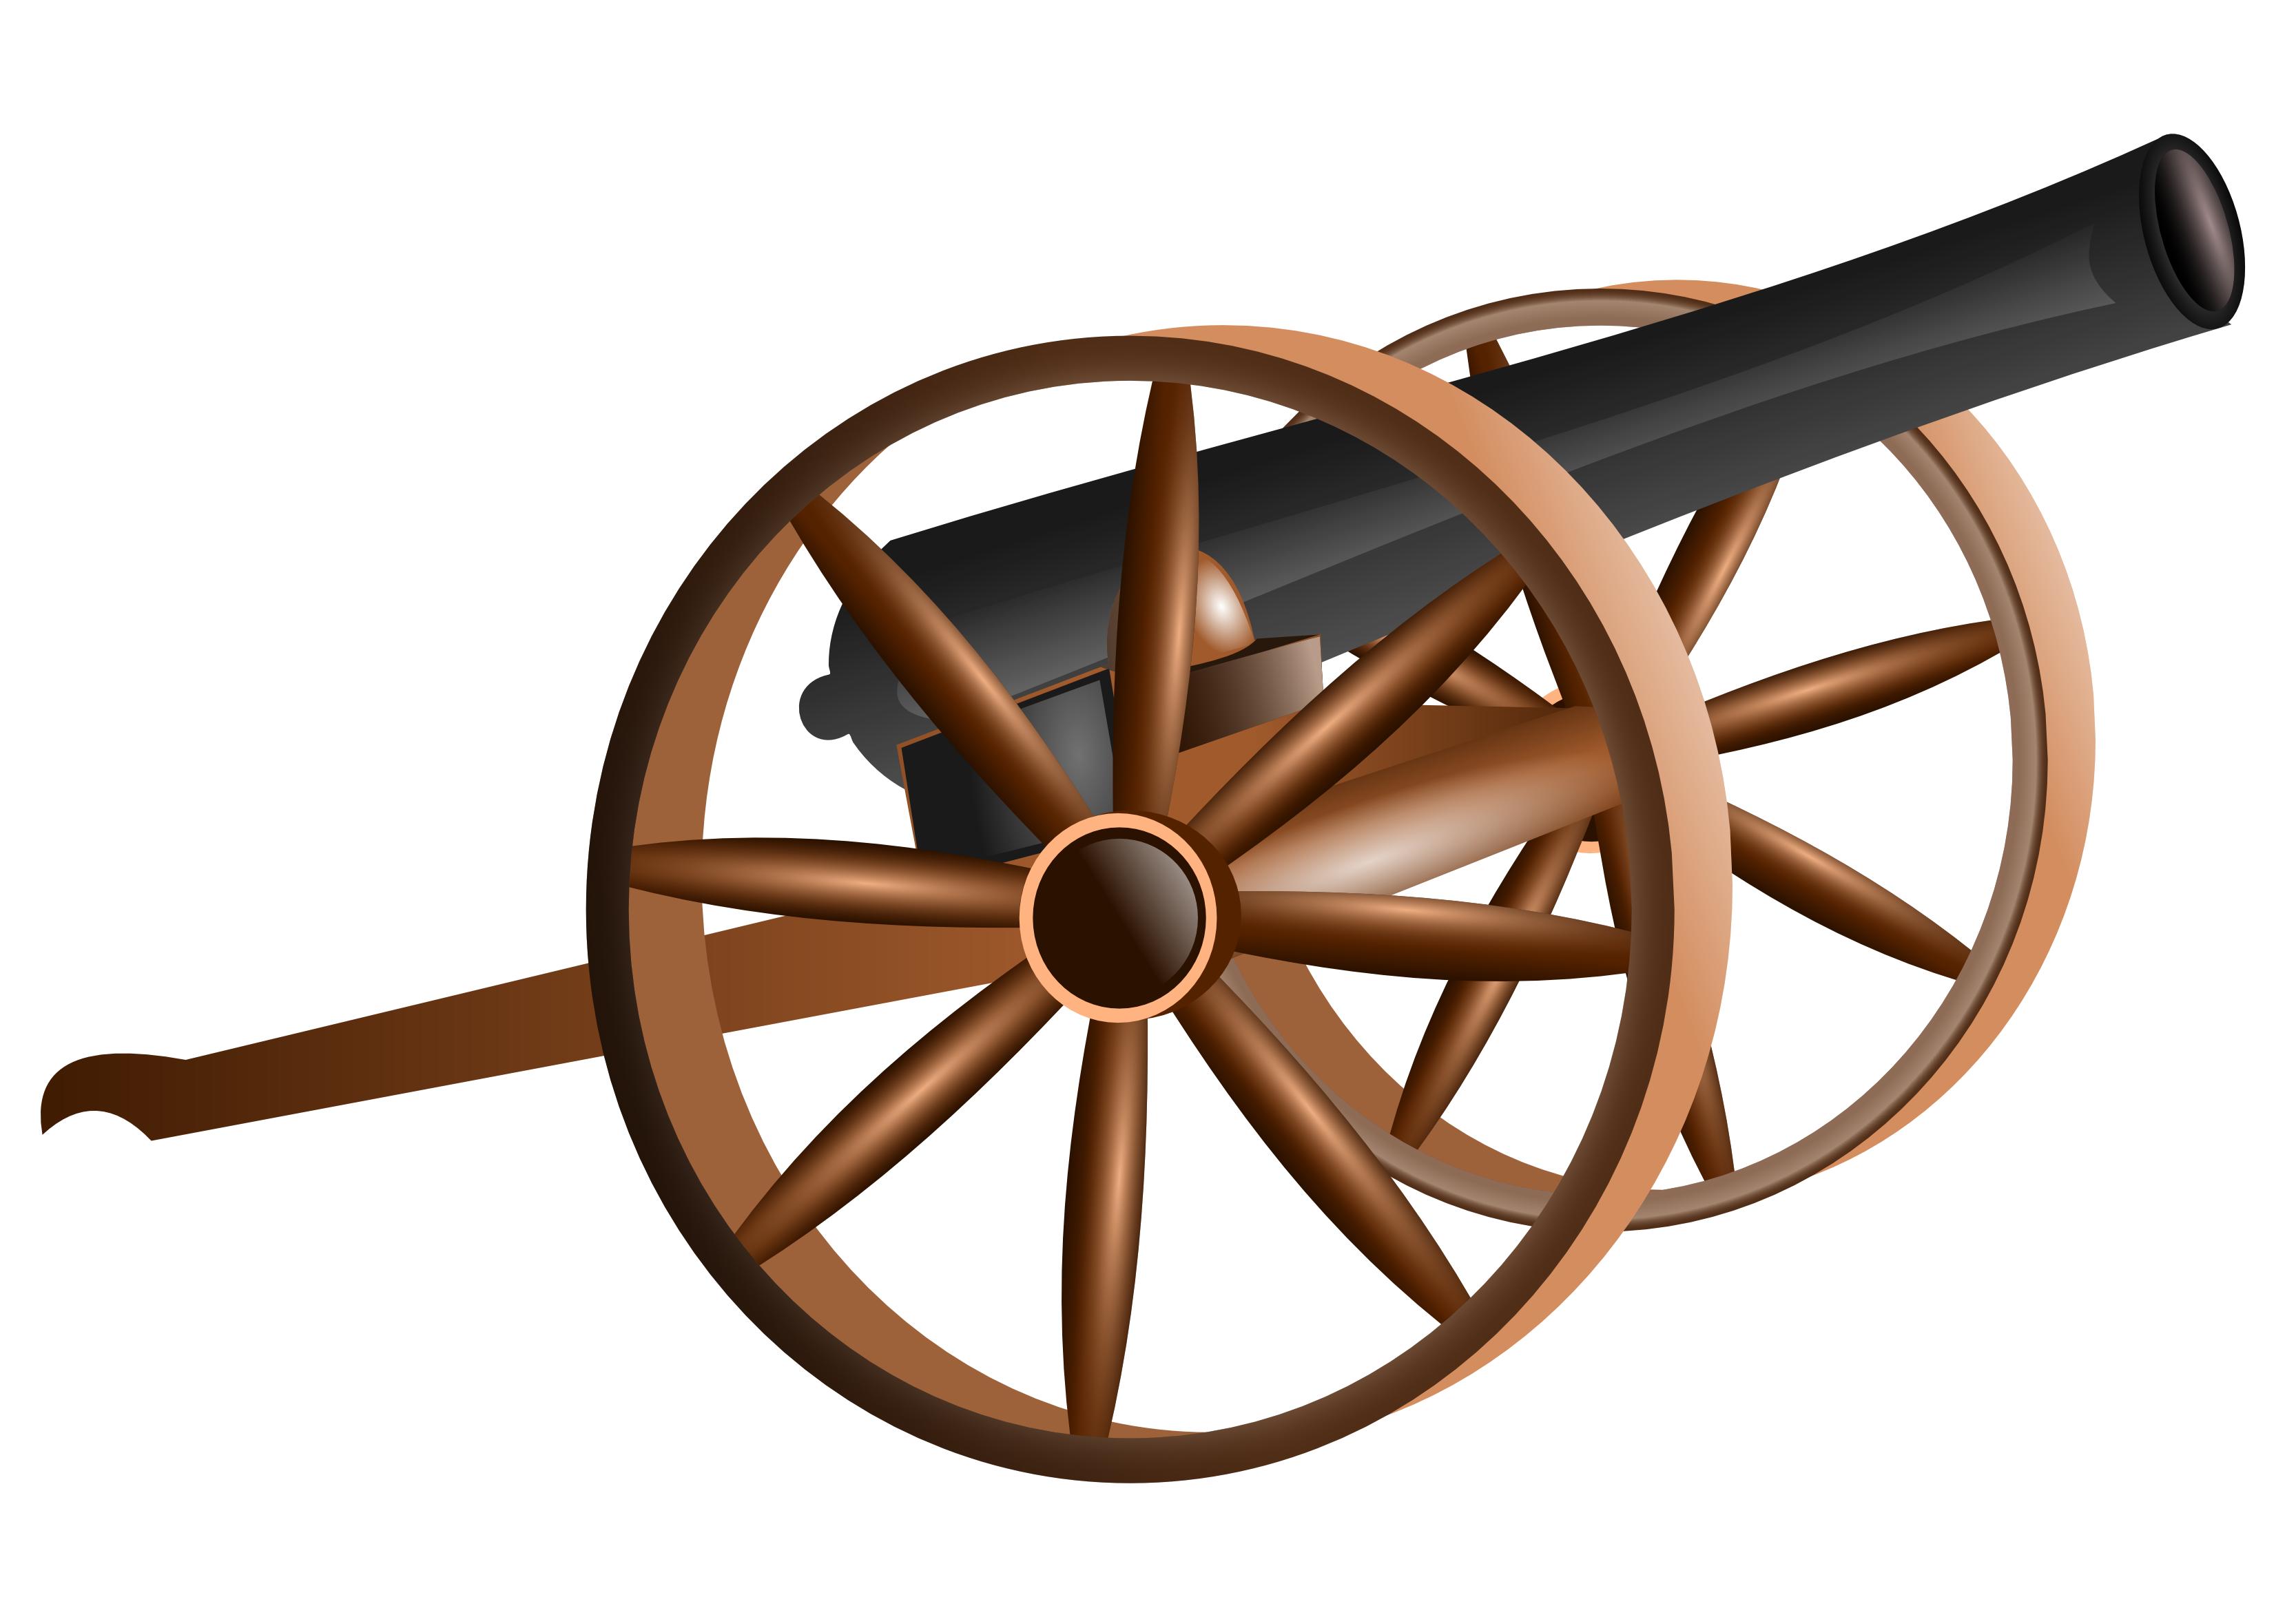 Cannon Clipart & Cannon Clip Art Images.